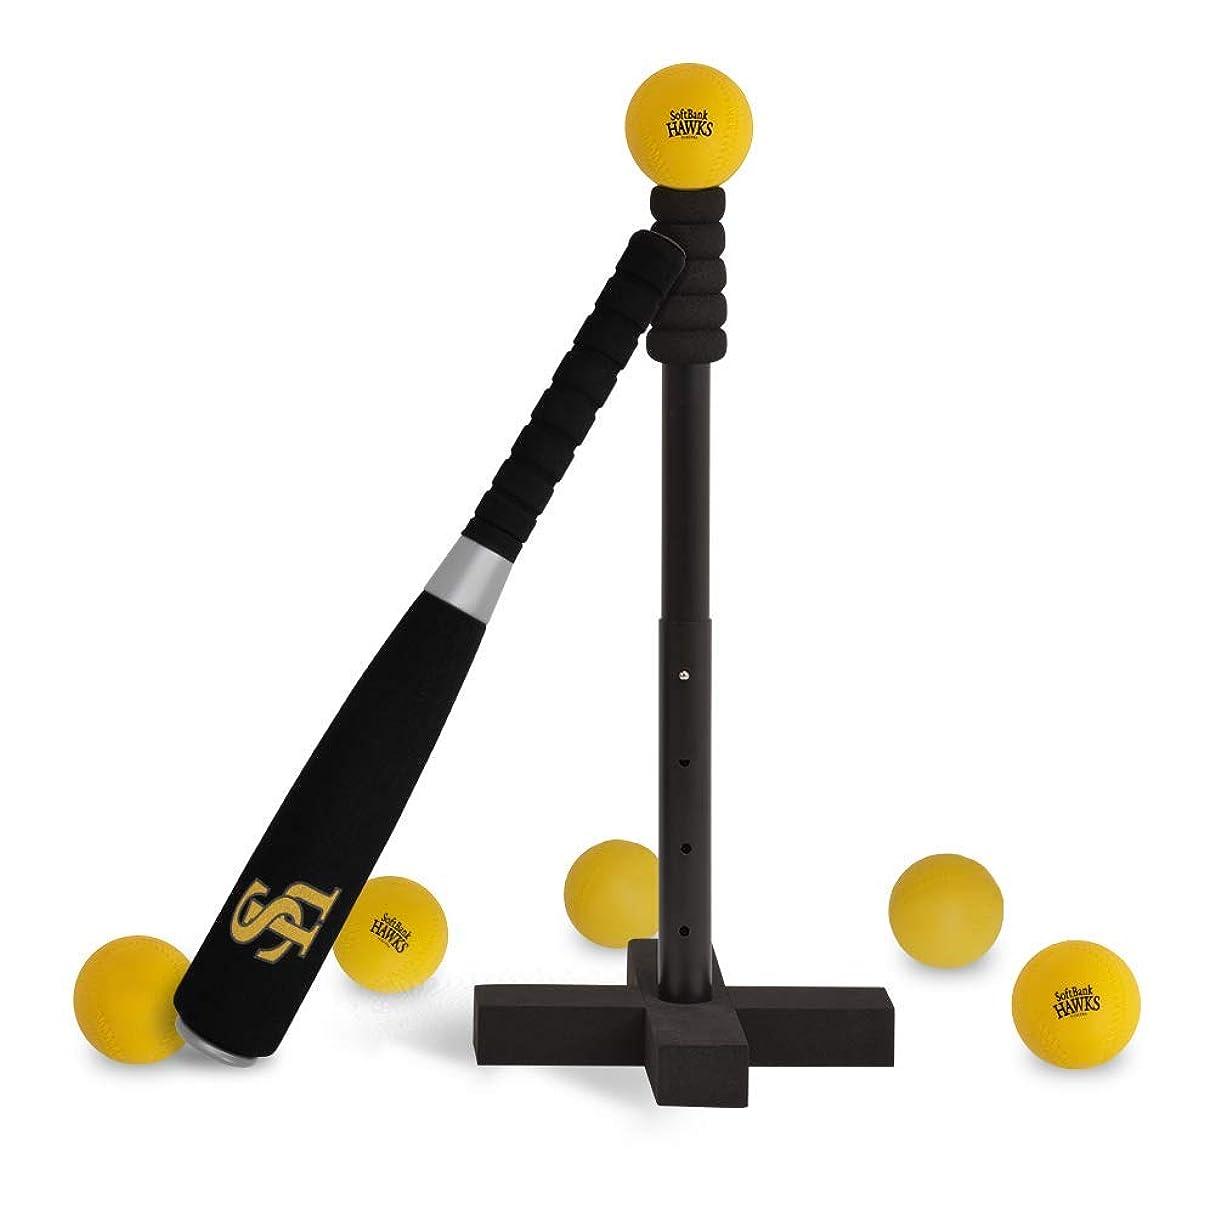 専門用語リムコールドAQUEOUS空気の力で浮く 室内用サッカーおもちゃ LEDホバーボールLEDホバーボール 空気の力で浮く 室内用サッカーボール 玩具 (黒い)